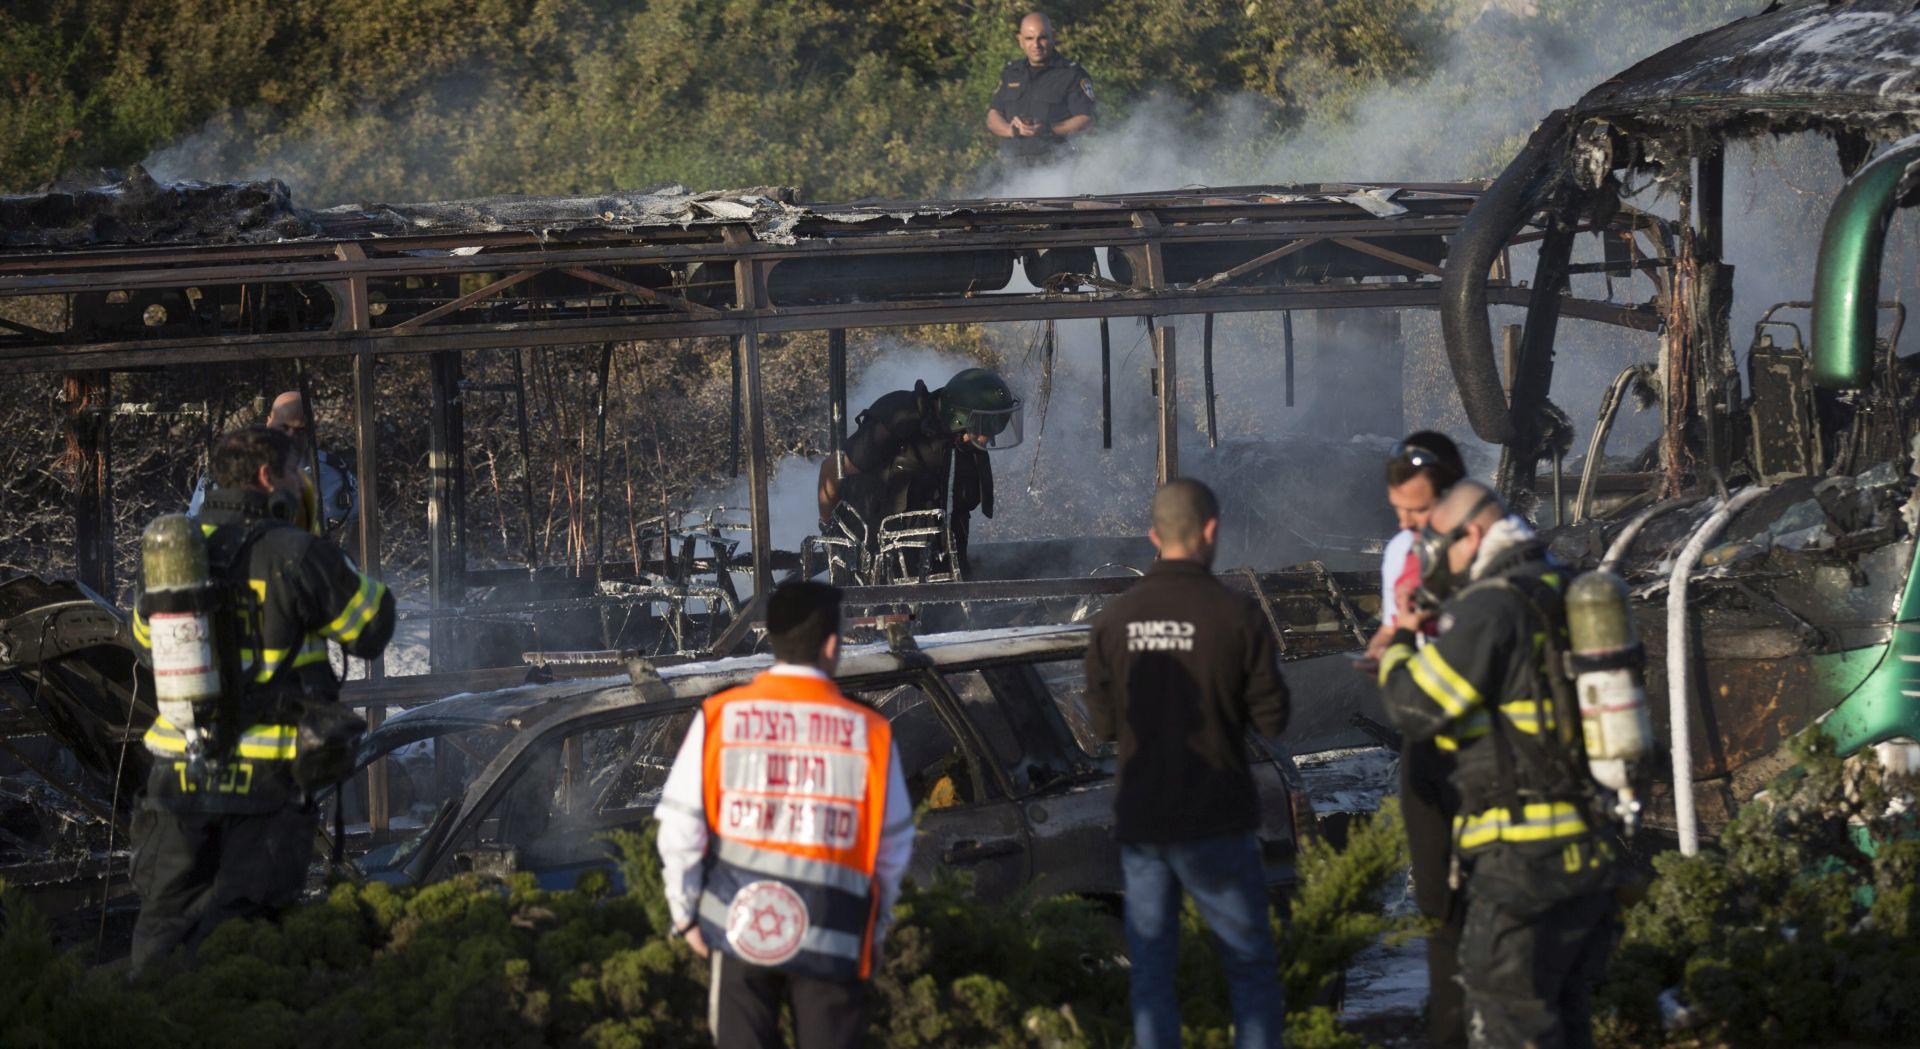 """FOTO: PODMETNUTA BOMBA U AUTOBUS Hamas: """"Ovo je prirodni odgovor na izraelske zločine"""""""